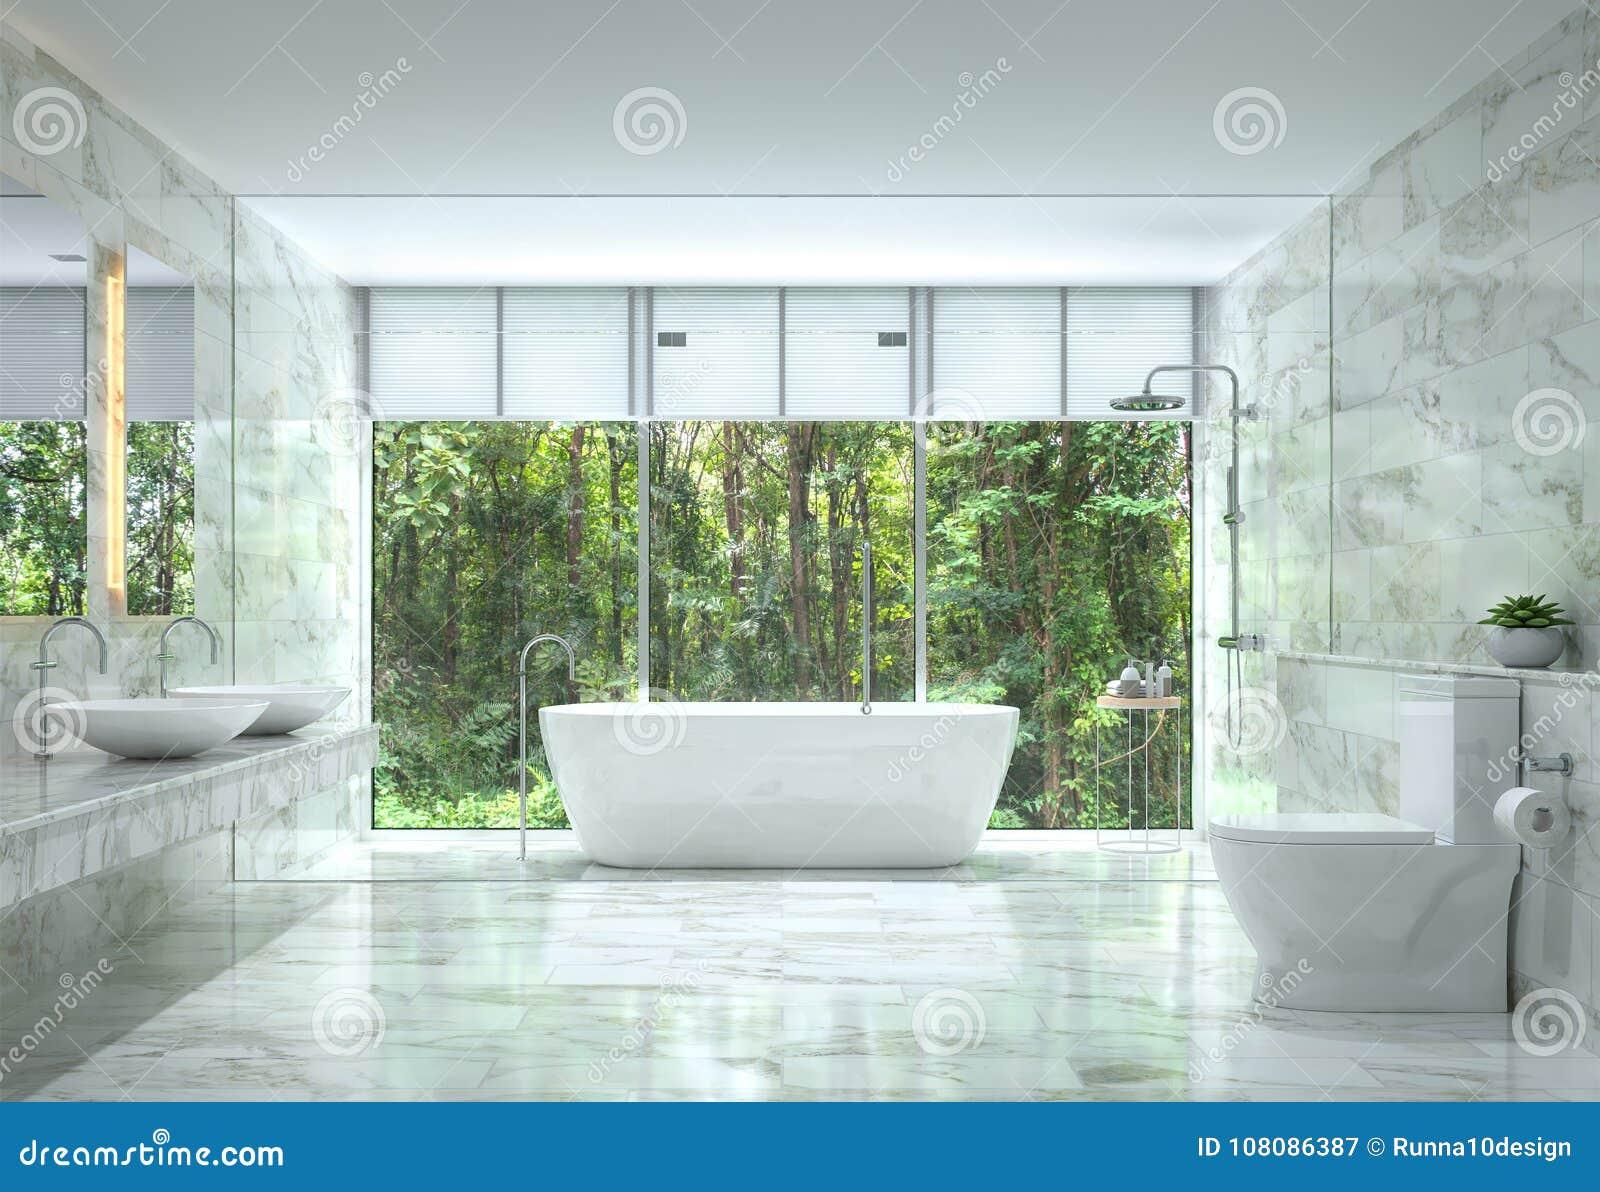 Bagni Di Lusso Moderni bagno di lusso moderno con l'immagine della rappresentazione